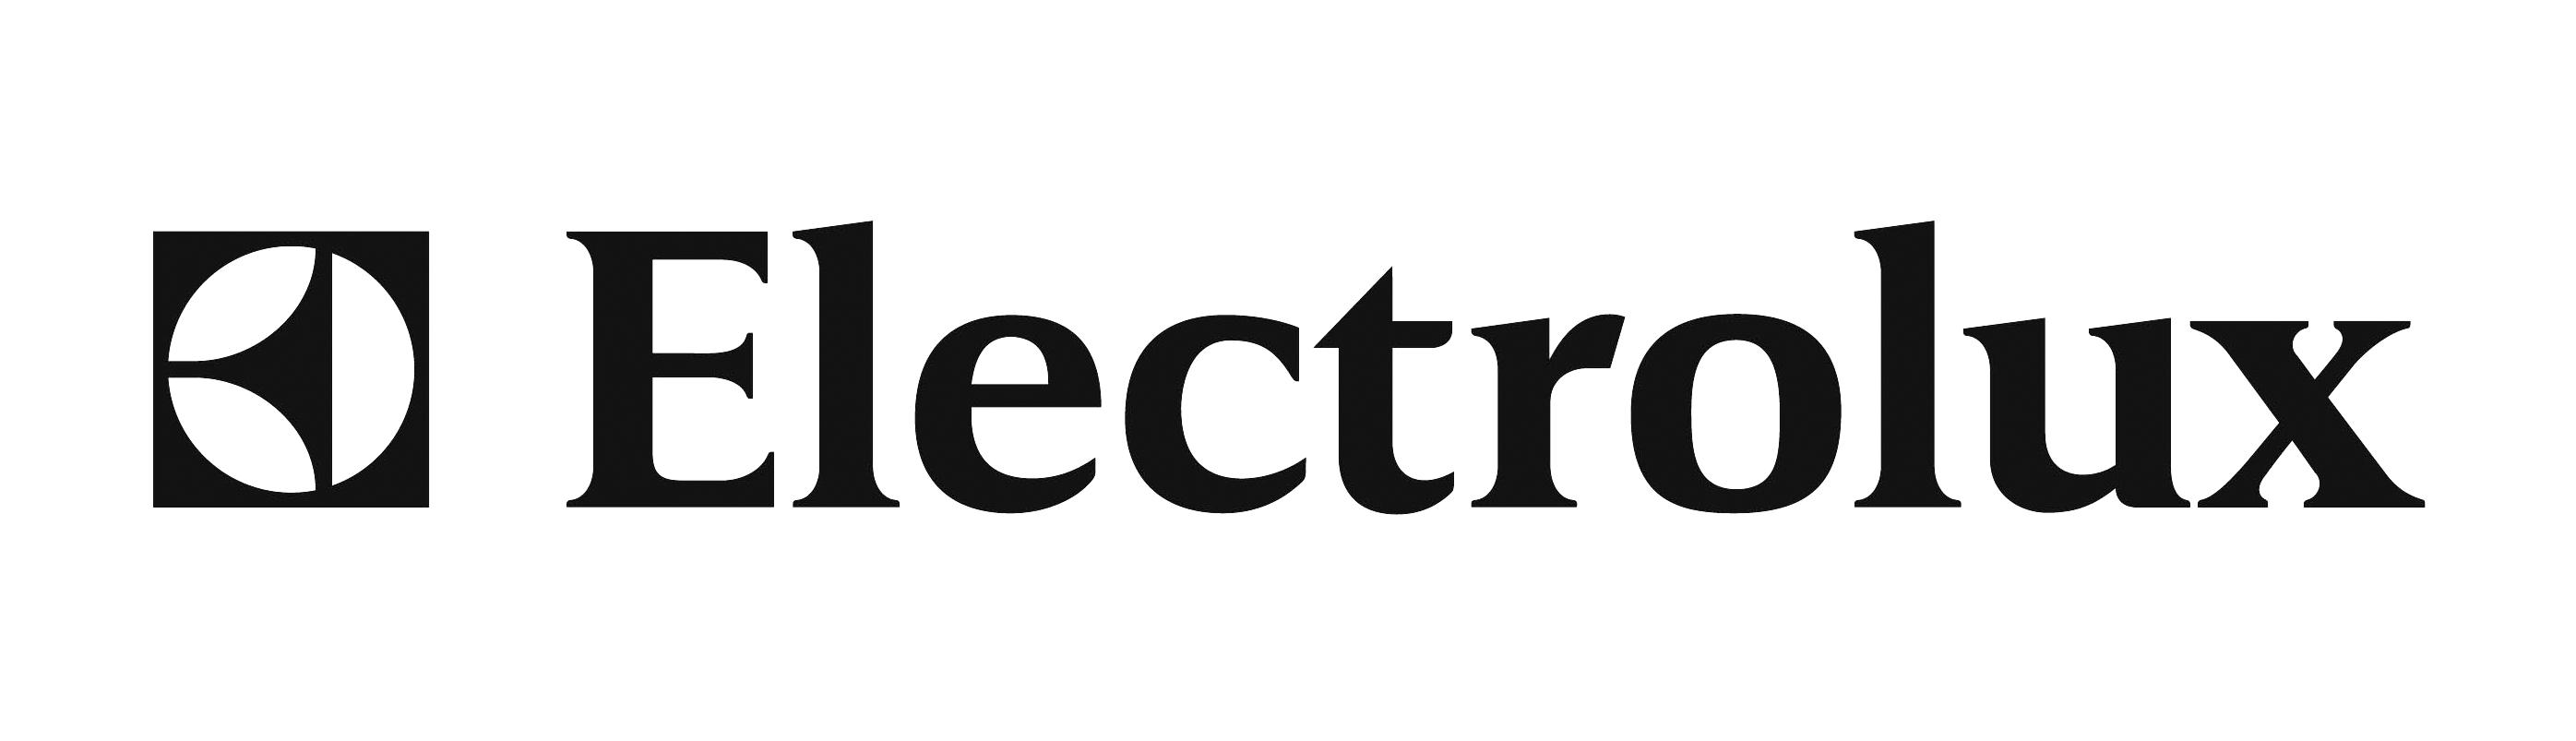 Обогреватели и теплые полы Electrolux по выгодной цене в интернет-магазине doss-stroy.ru